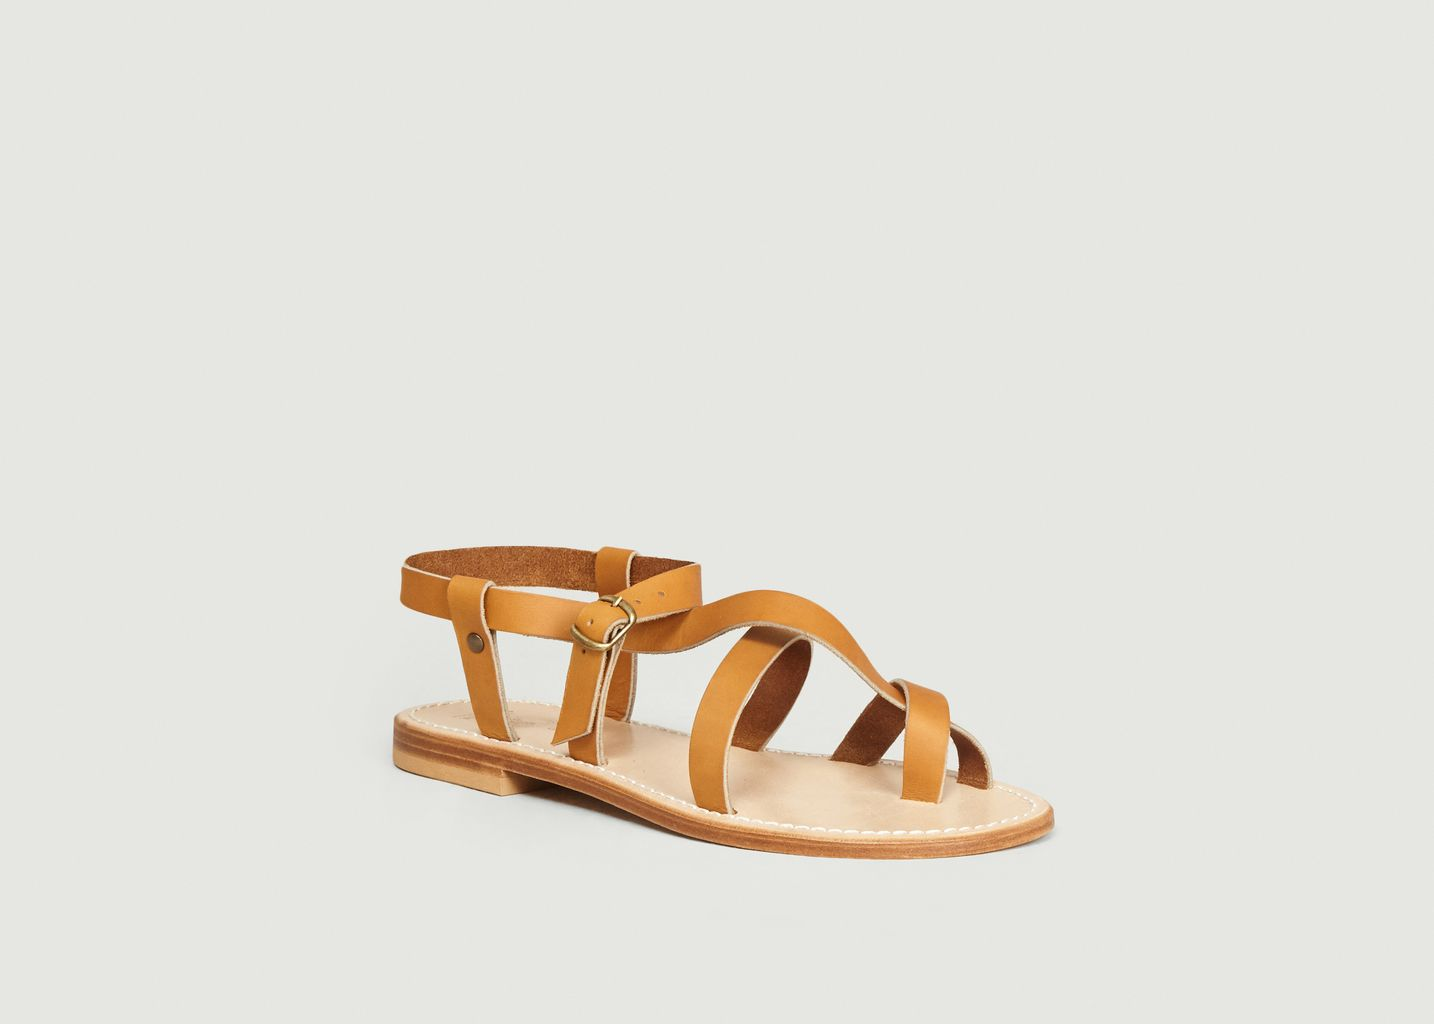 Sandales en cuir de veau Croisette - La Botte Gardiane